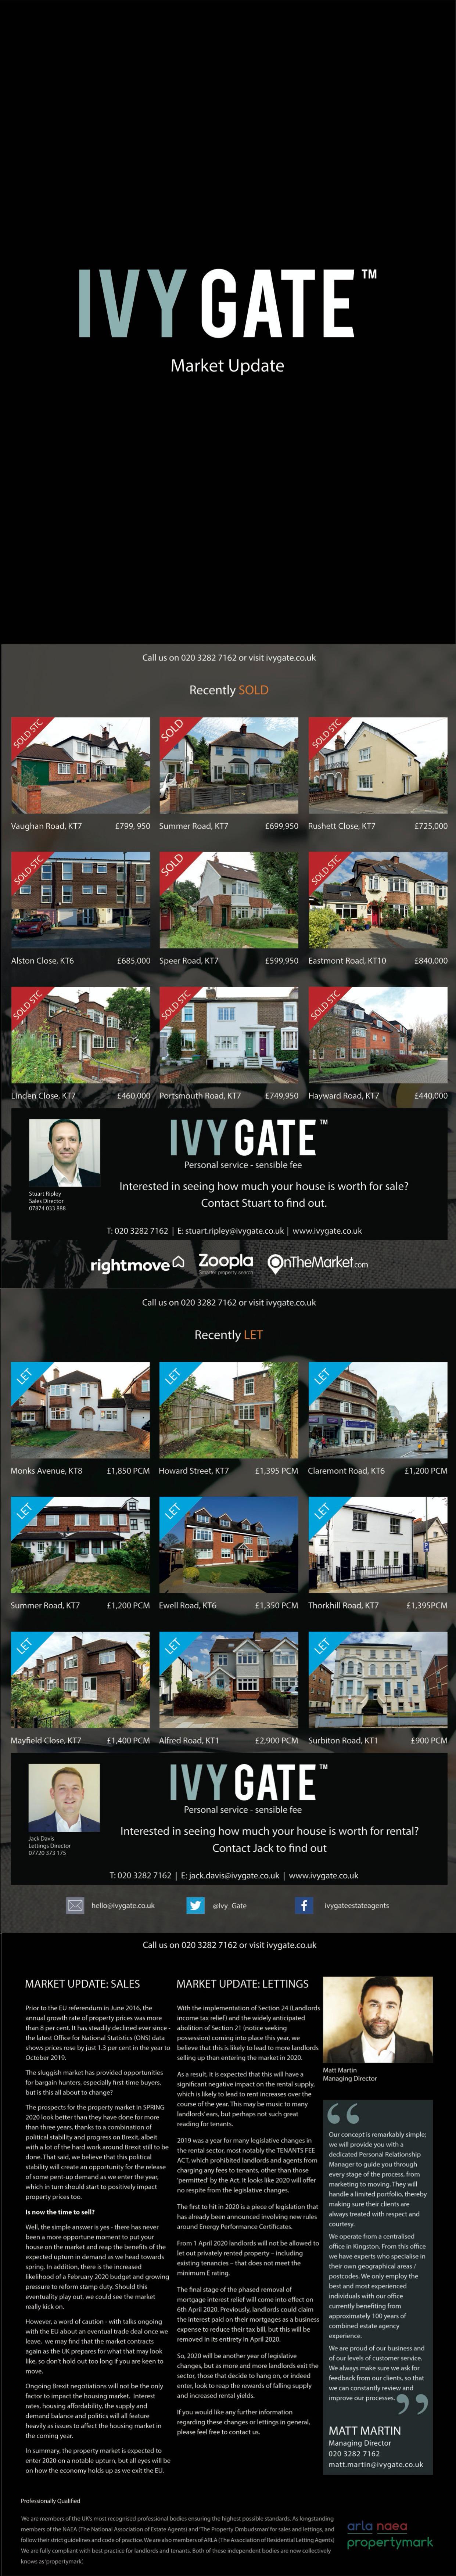 IvyGate-MarketReport-January2020-v1